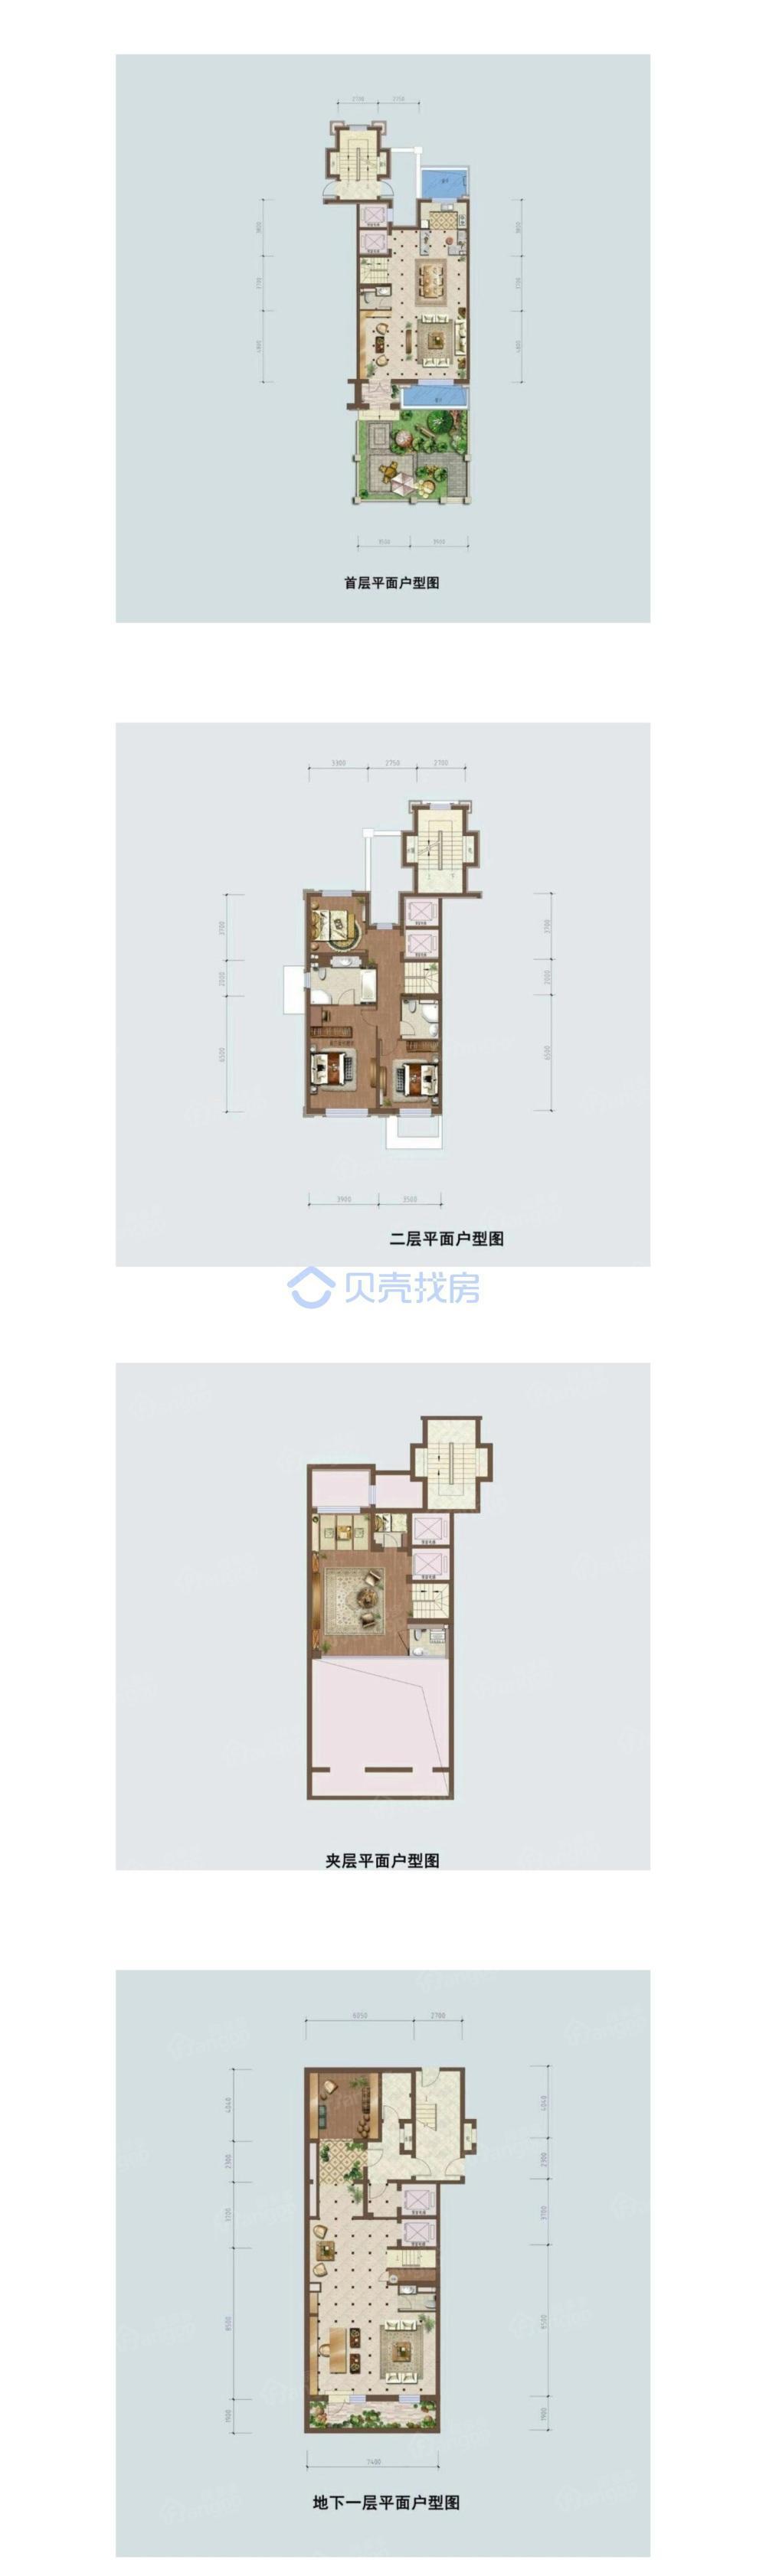 首创禧瑞墅3室4厅4卫户型图